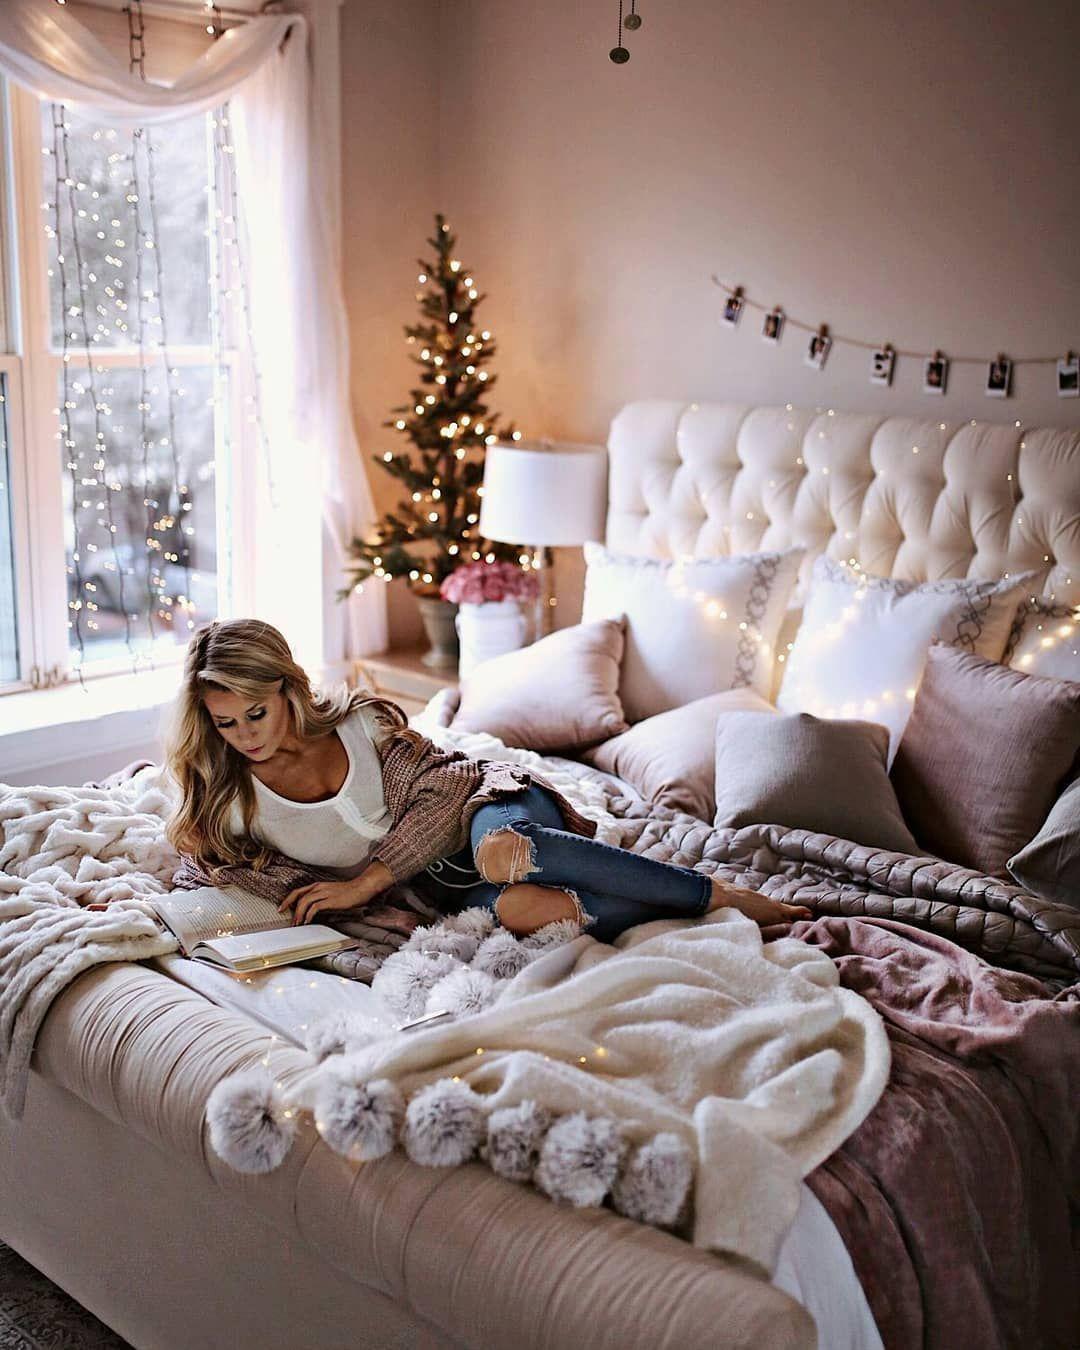 Tumblr Bedroom Ideas On Instagram Marry Christmas Home Decor Bedroom Remodel Bedroom Bedroom Design